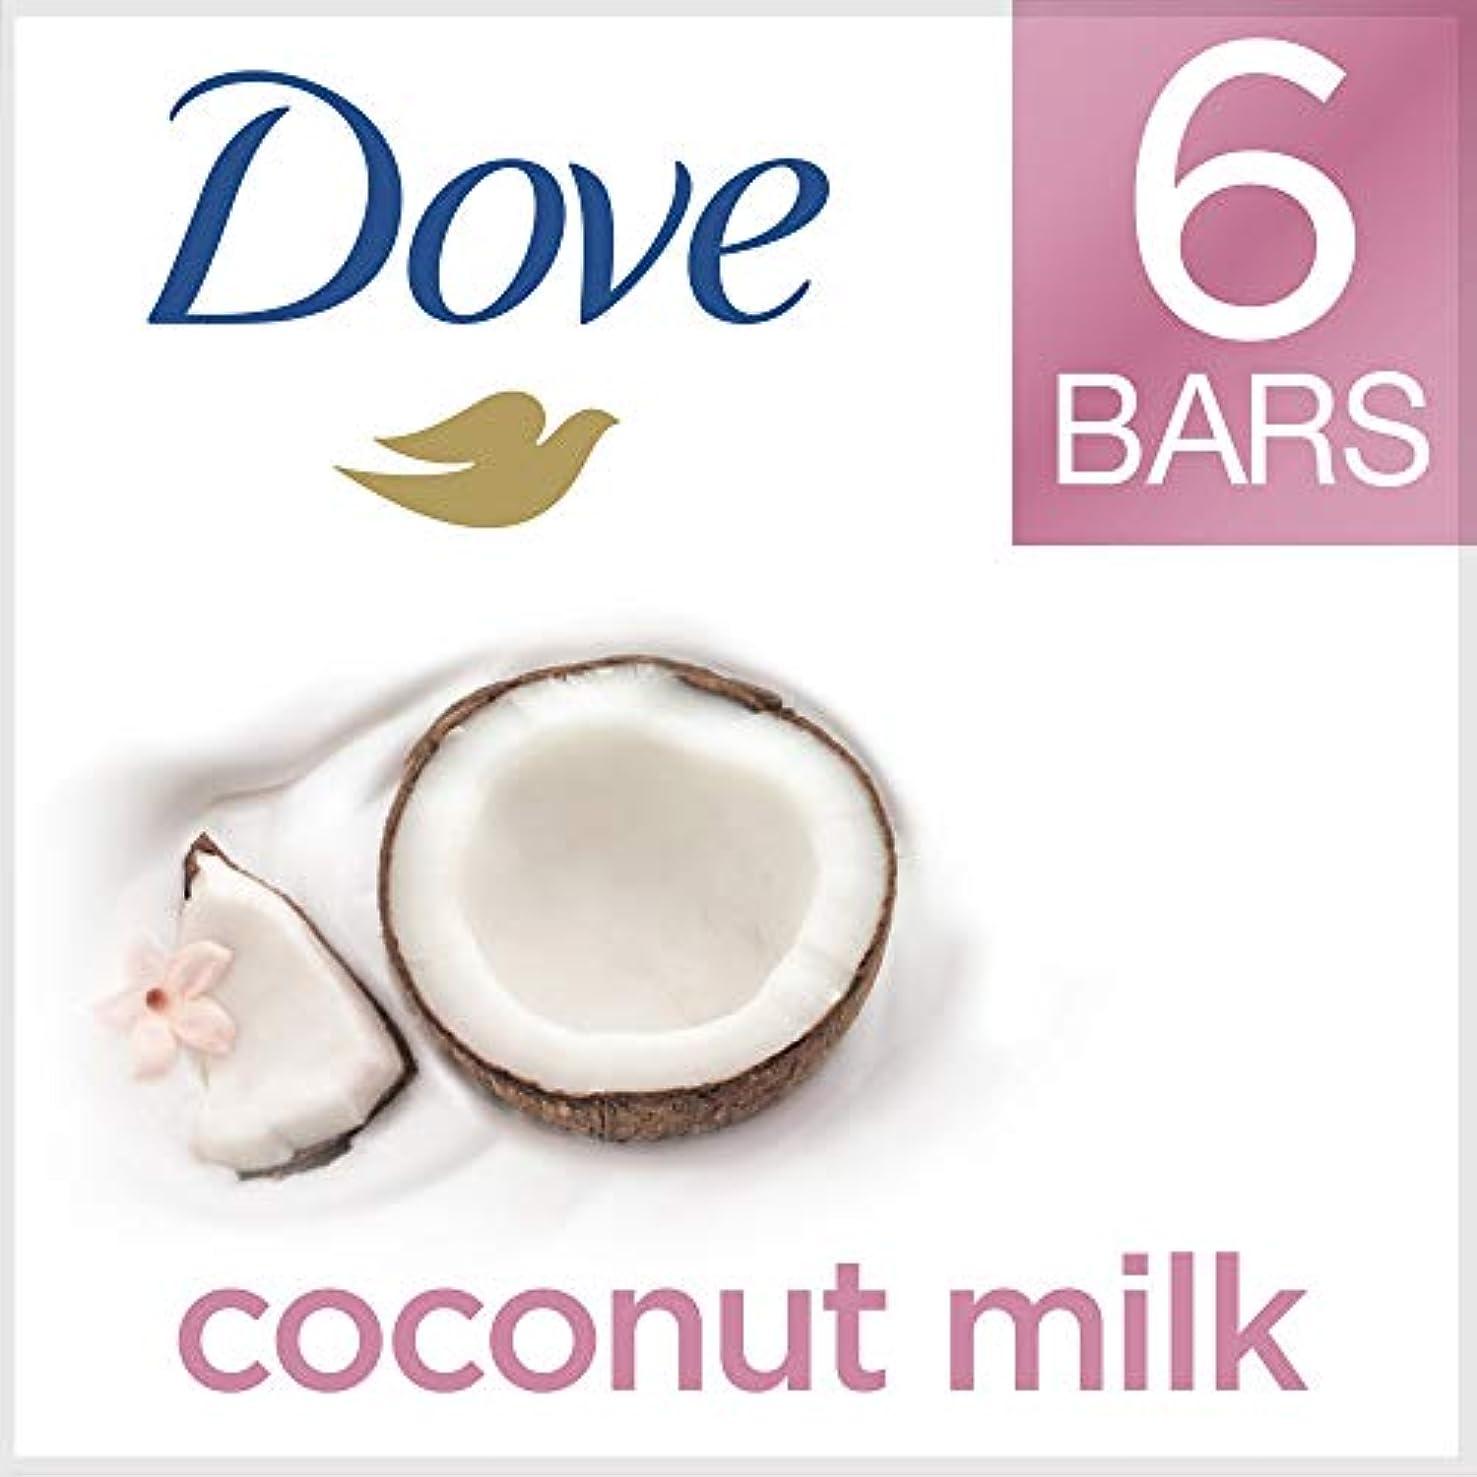 樹木呼吸持参Dove ビューティーバー、ココナッツミルク、4オンス、6バー